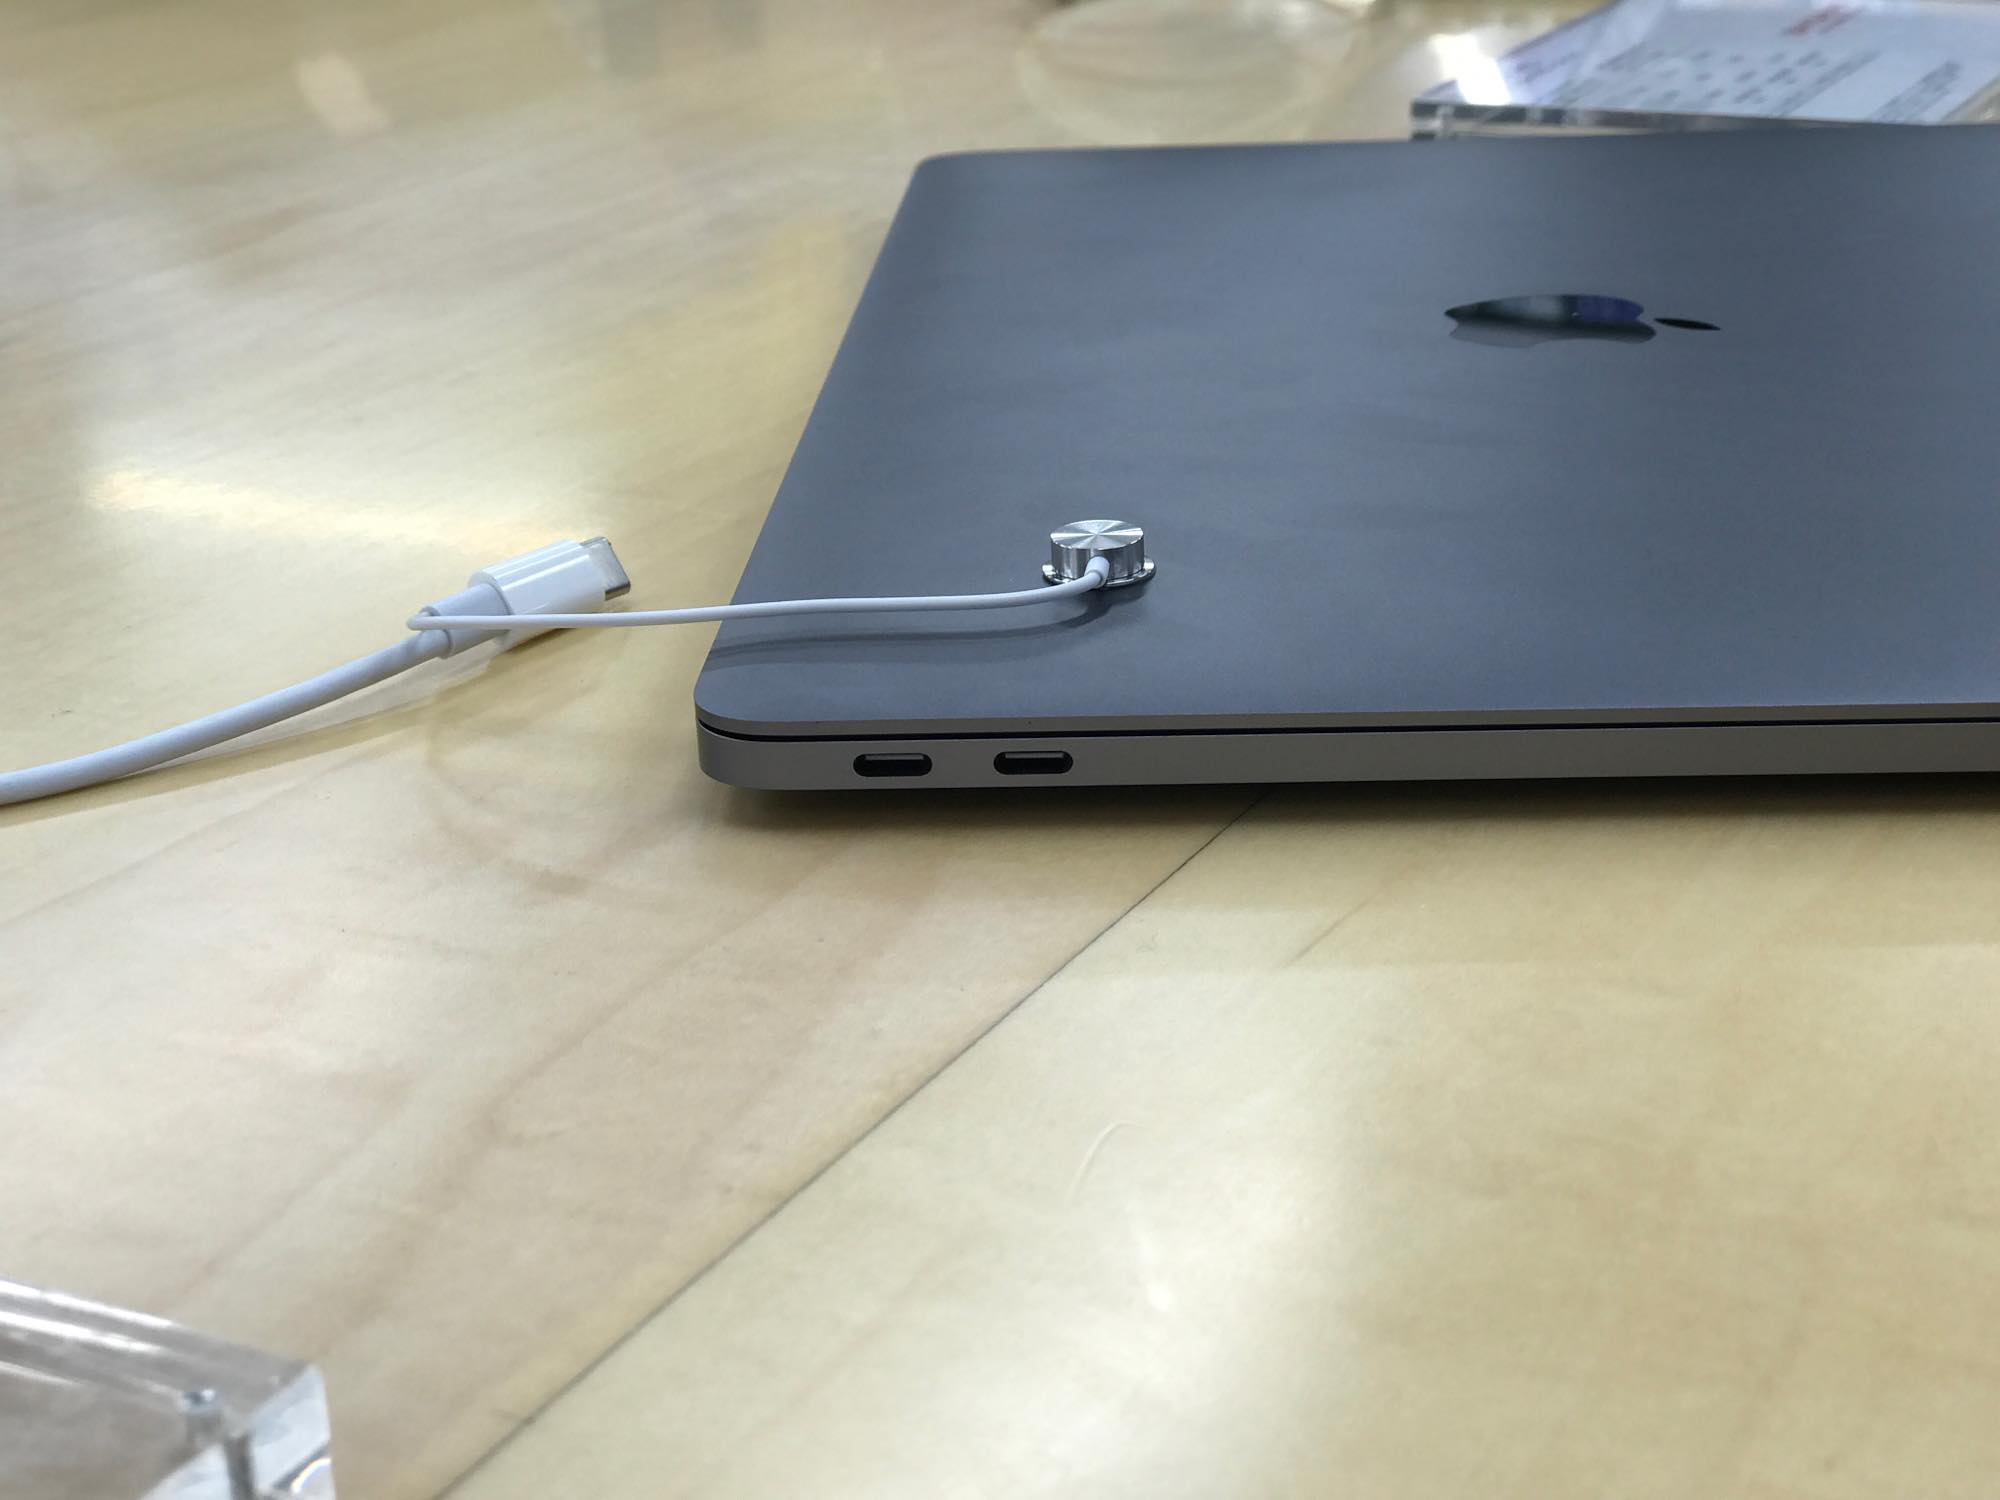 macbookpro2016-review8